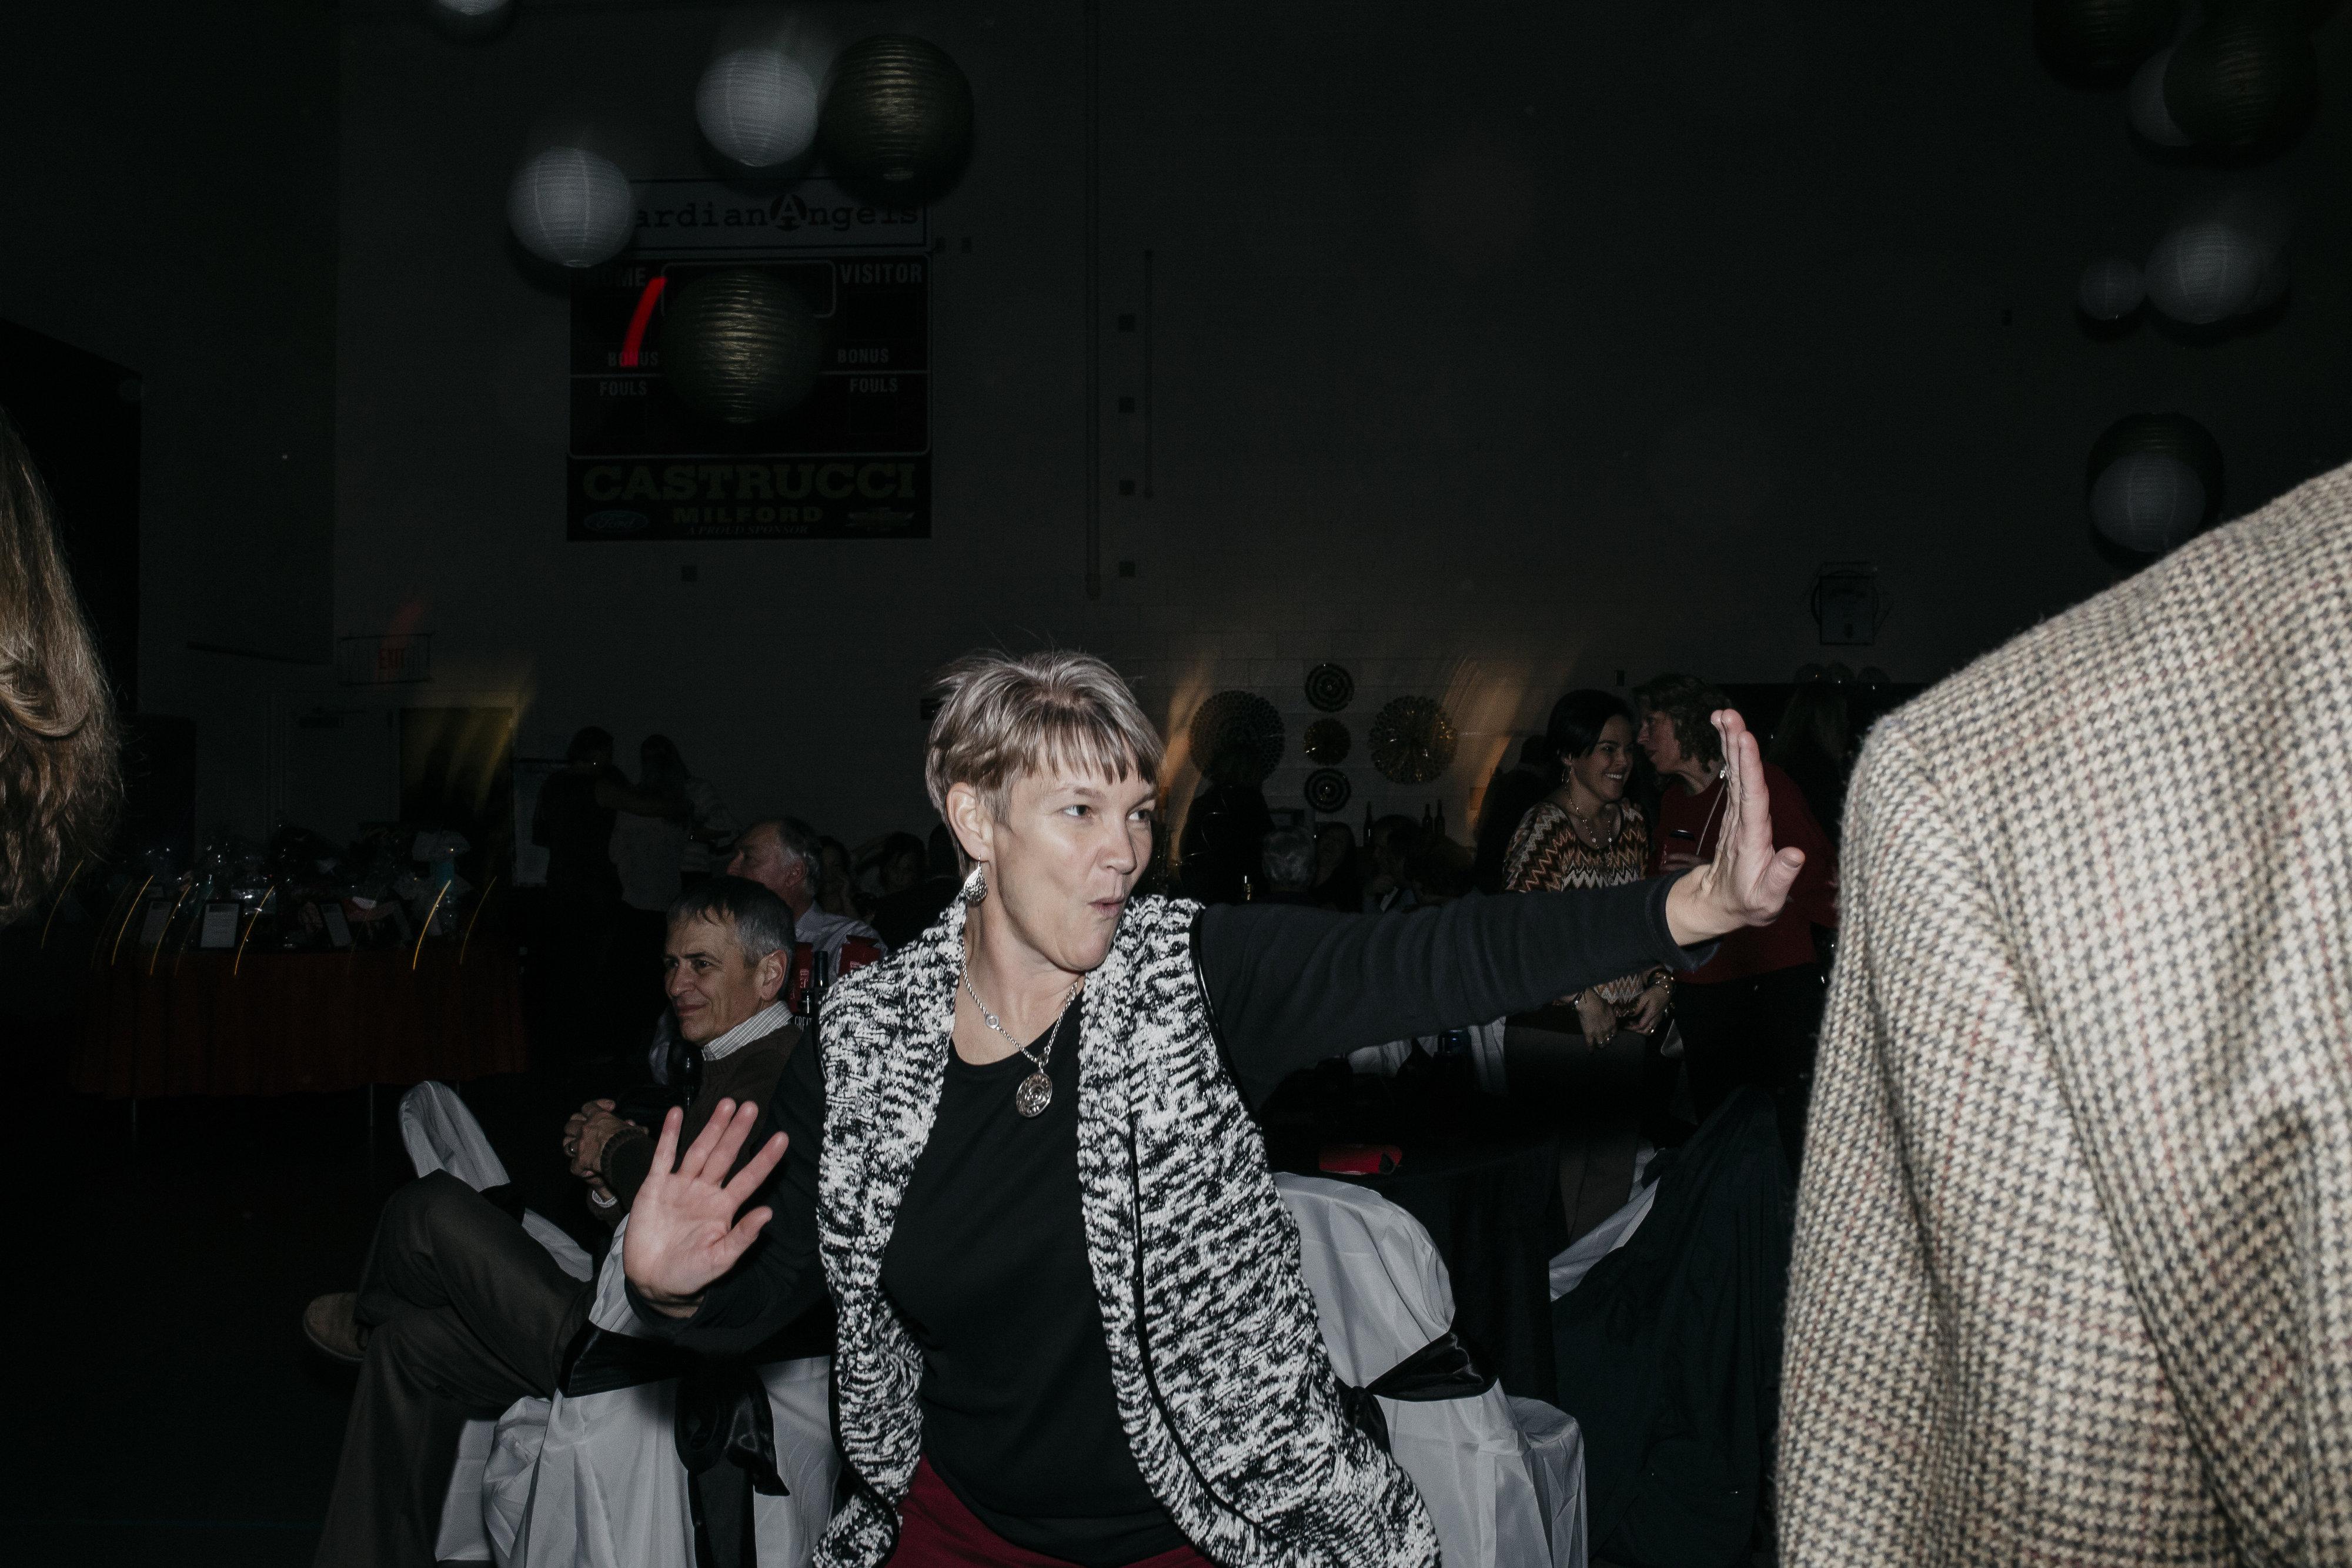 Lori Luttmer MSP 2 2018-Lori Luttmer MSP 2 2018-0263